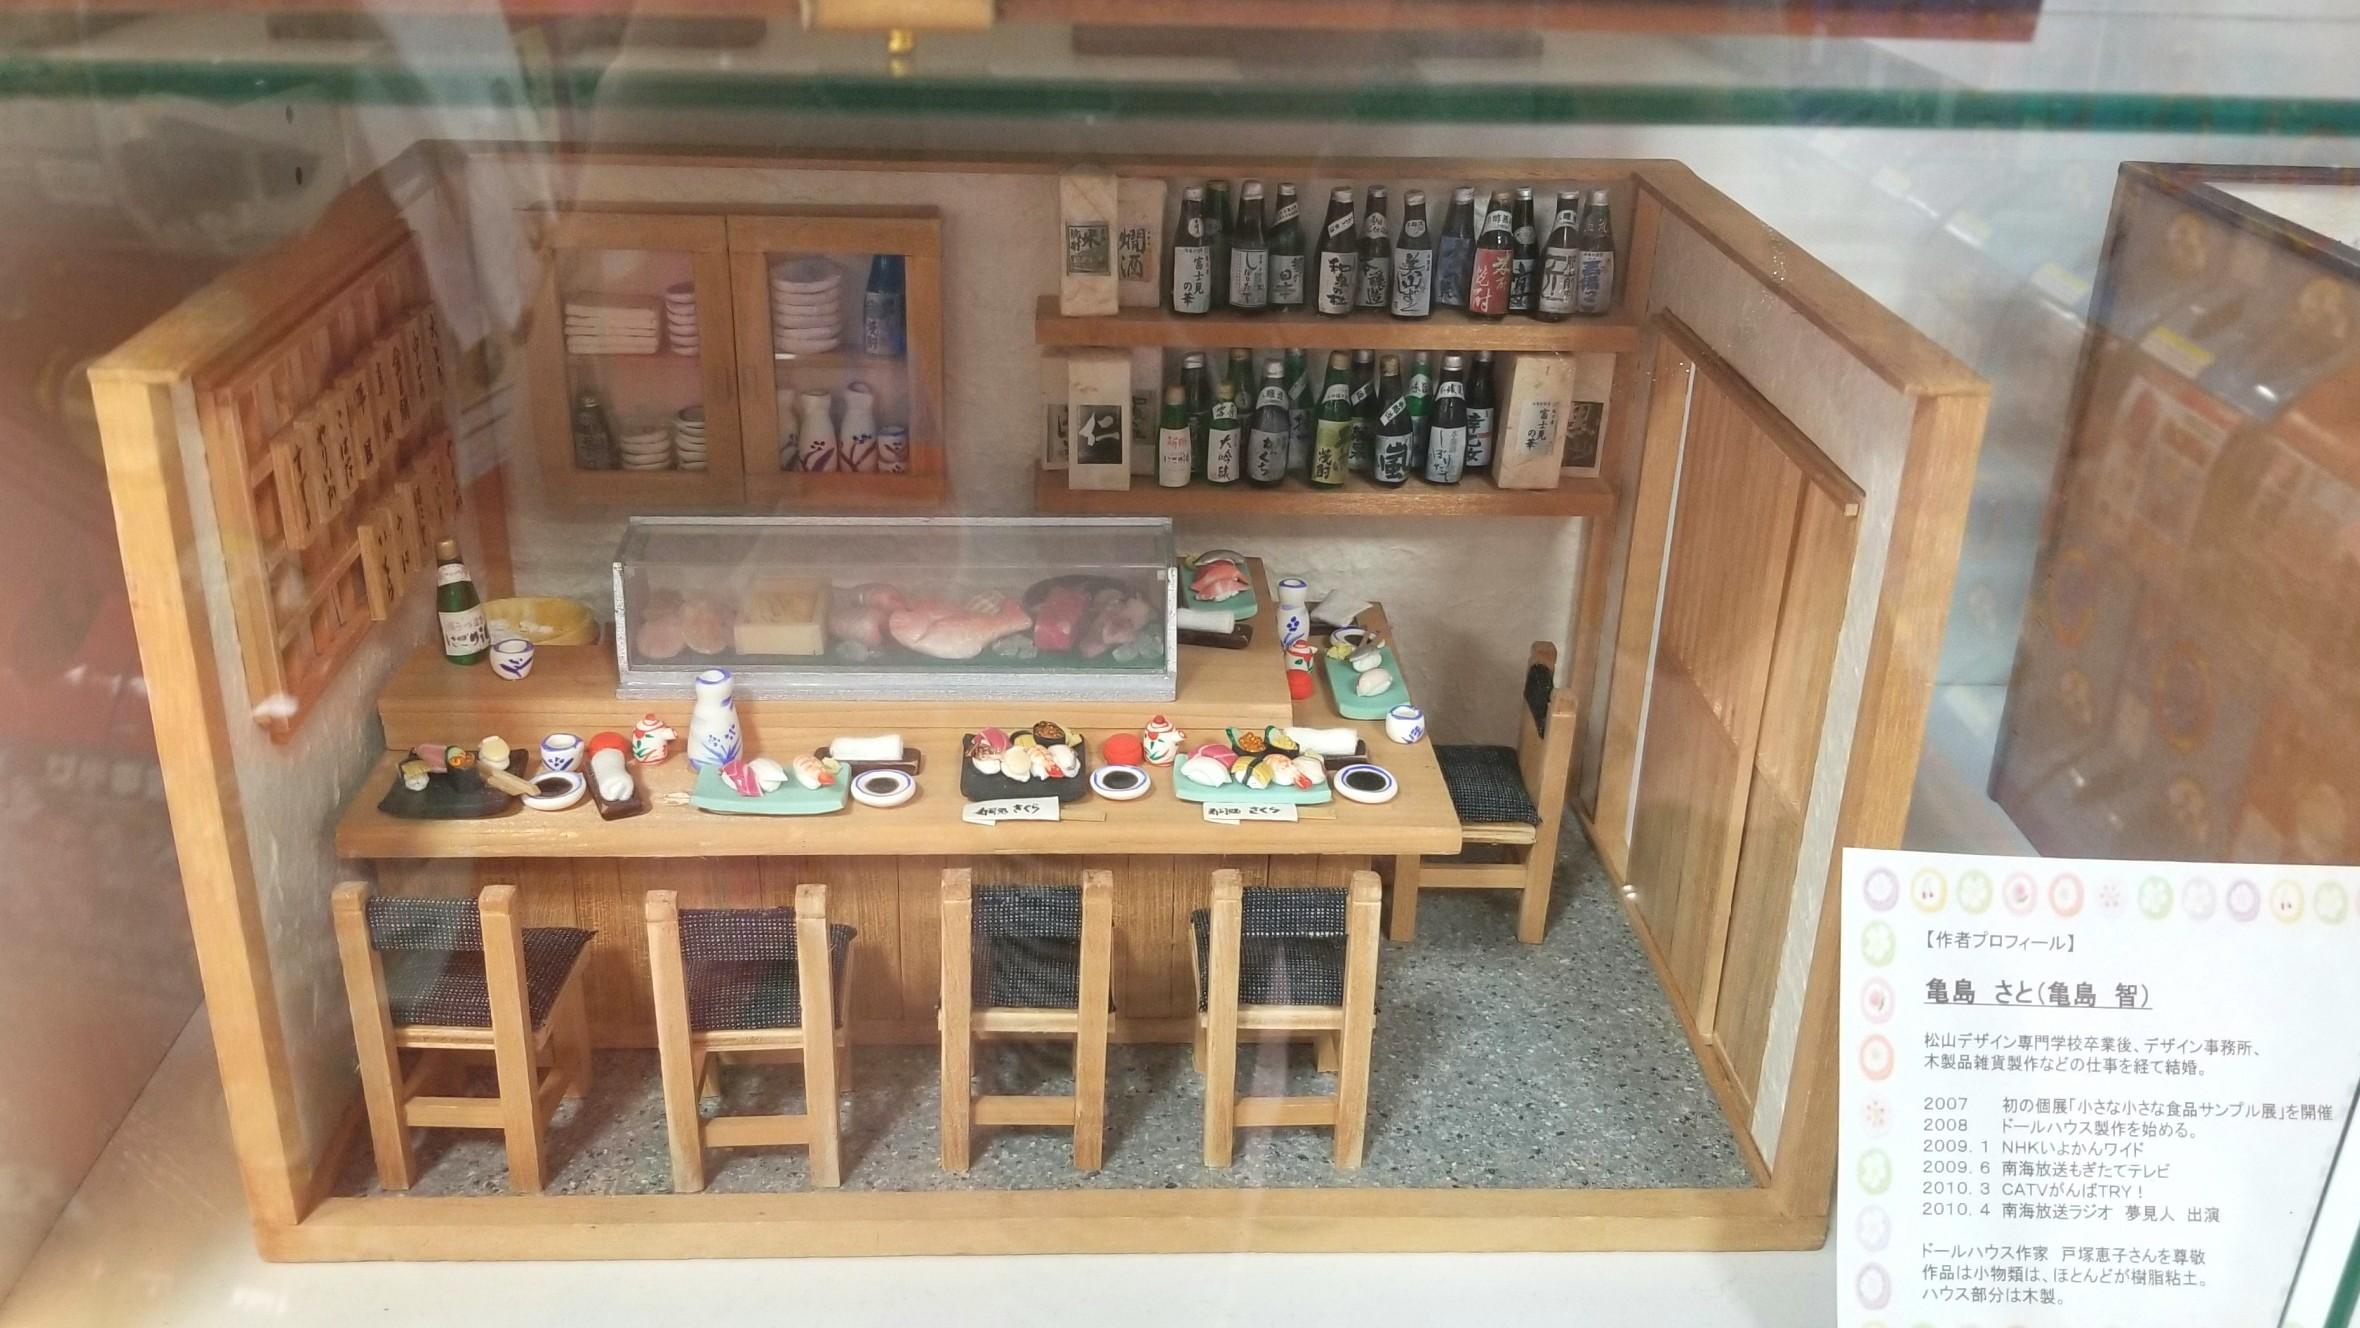 ミニチュア,ドールハウス,お寿司屋さん,粘土,フェイク,亀島さと